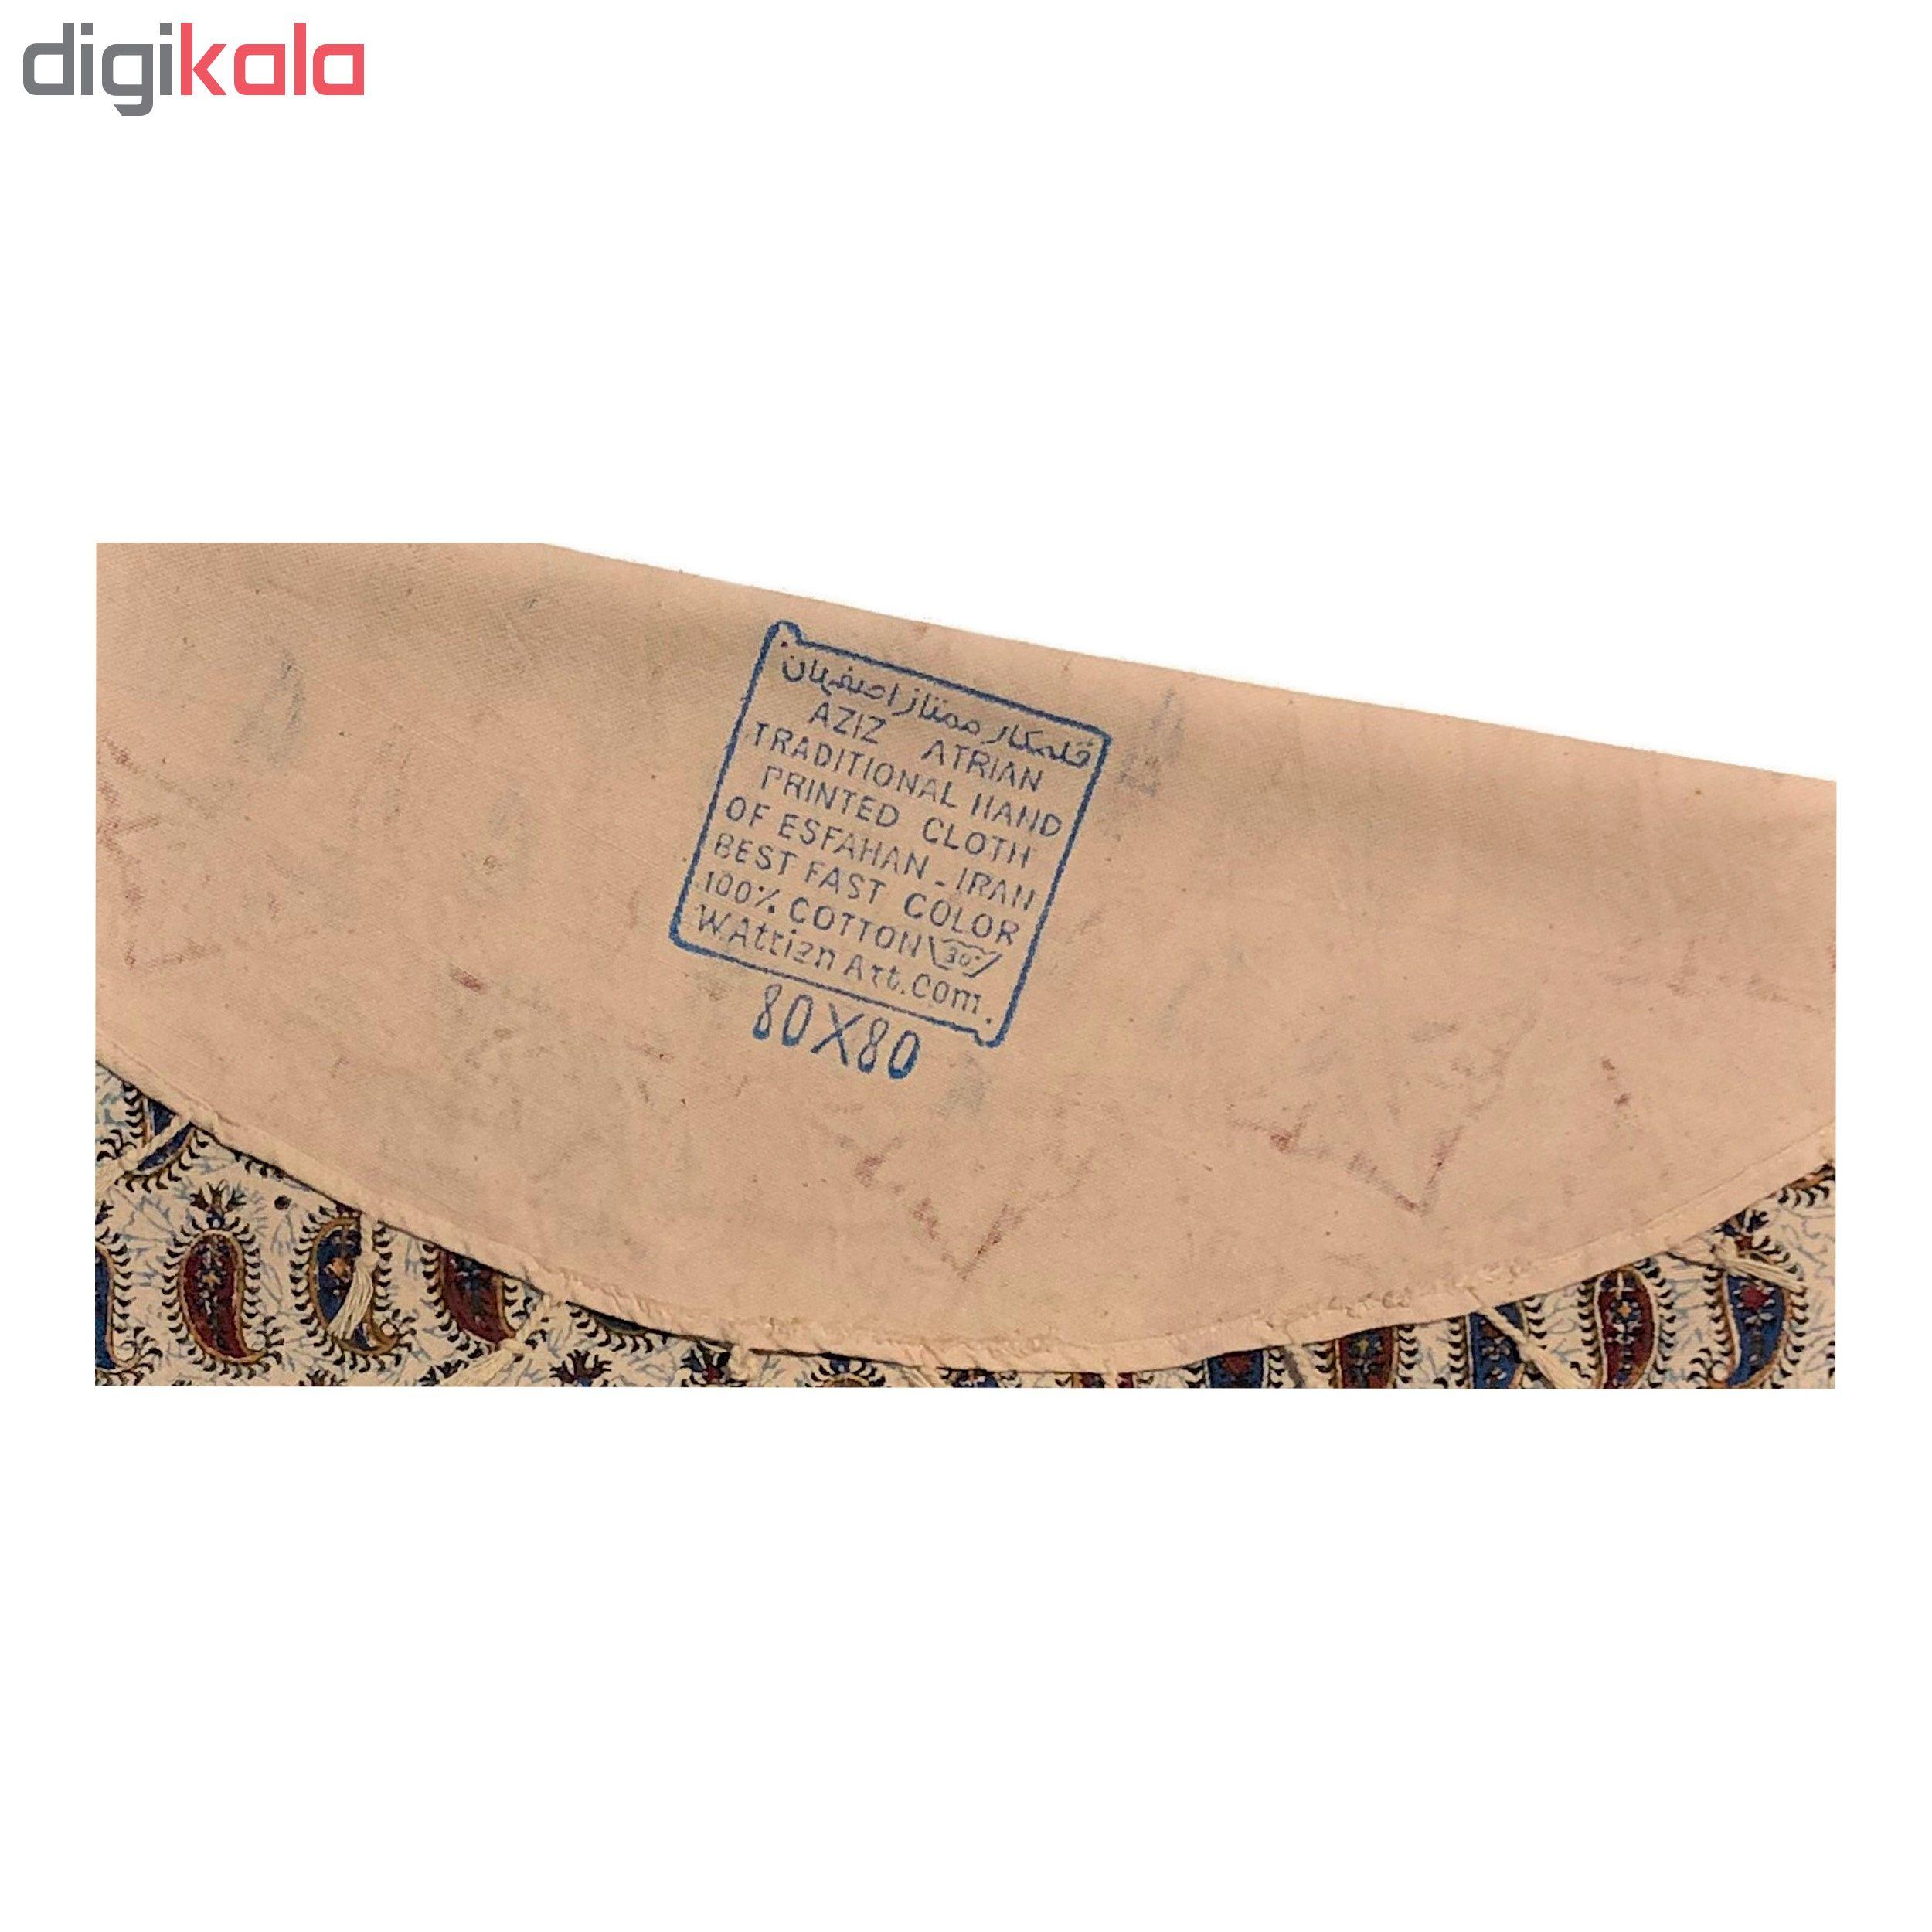 خرید                      رومیزی قلمکار ممتاز اصفهان اثر عطريان طرح شش بته قاجار مدل G74سایز 80 × 80 سانتی متر